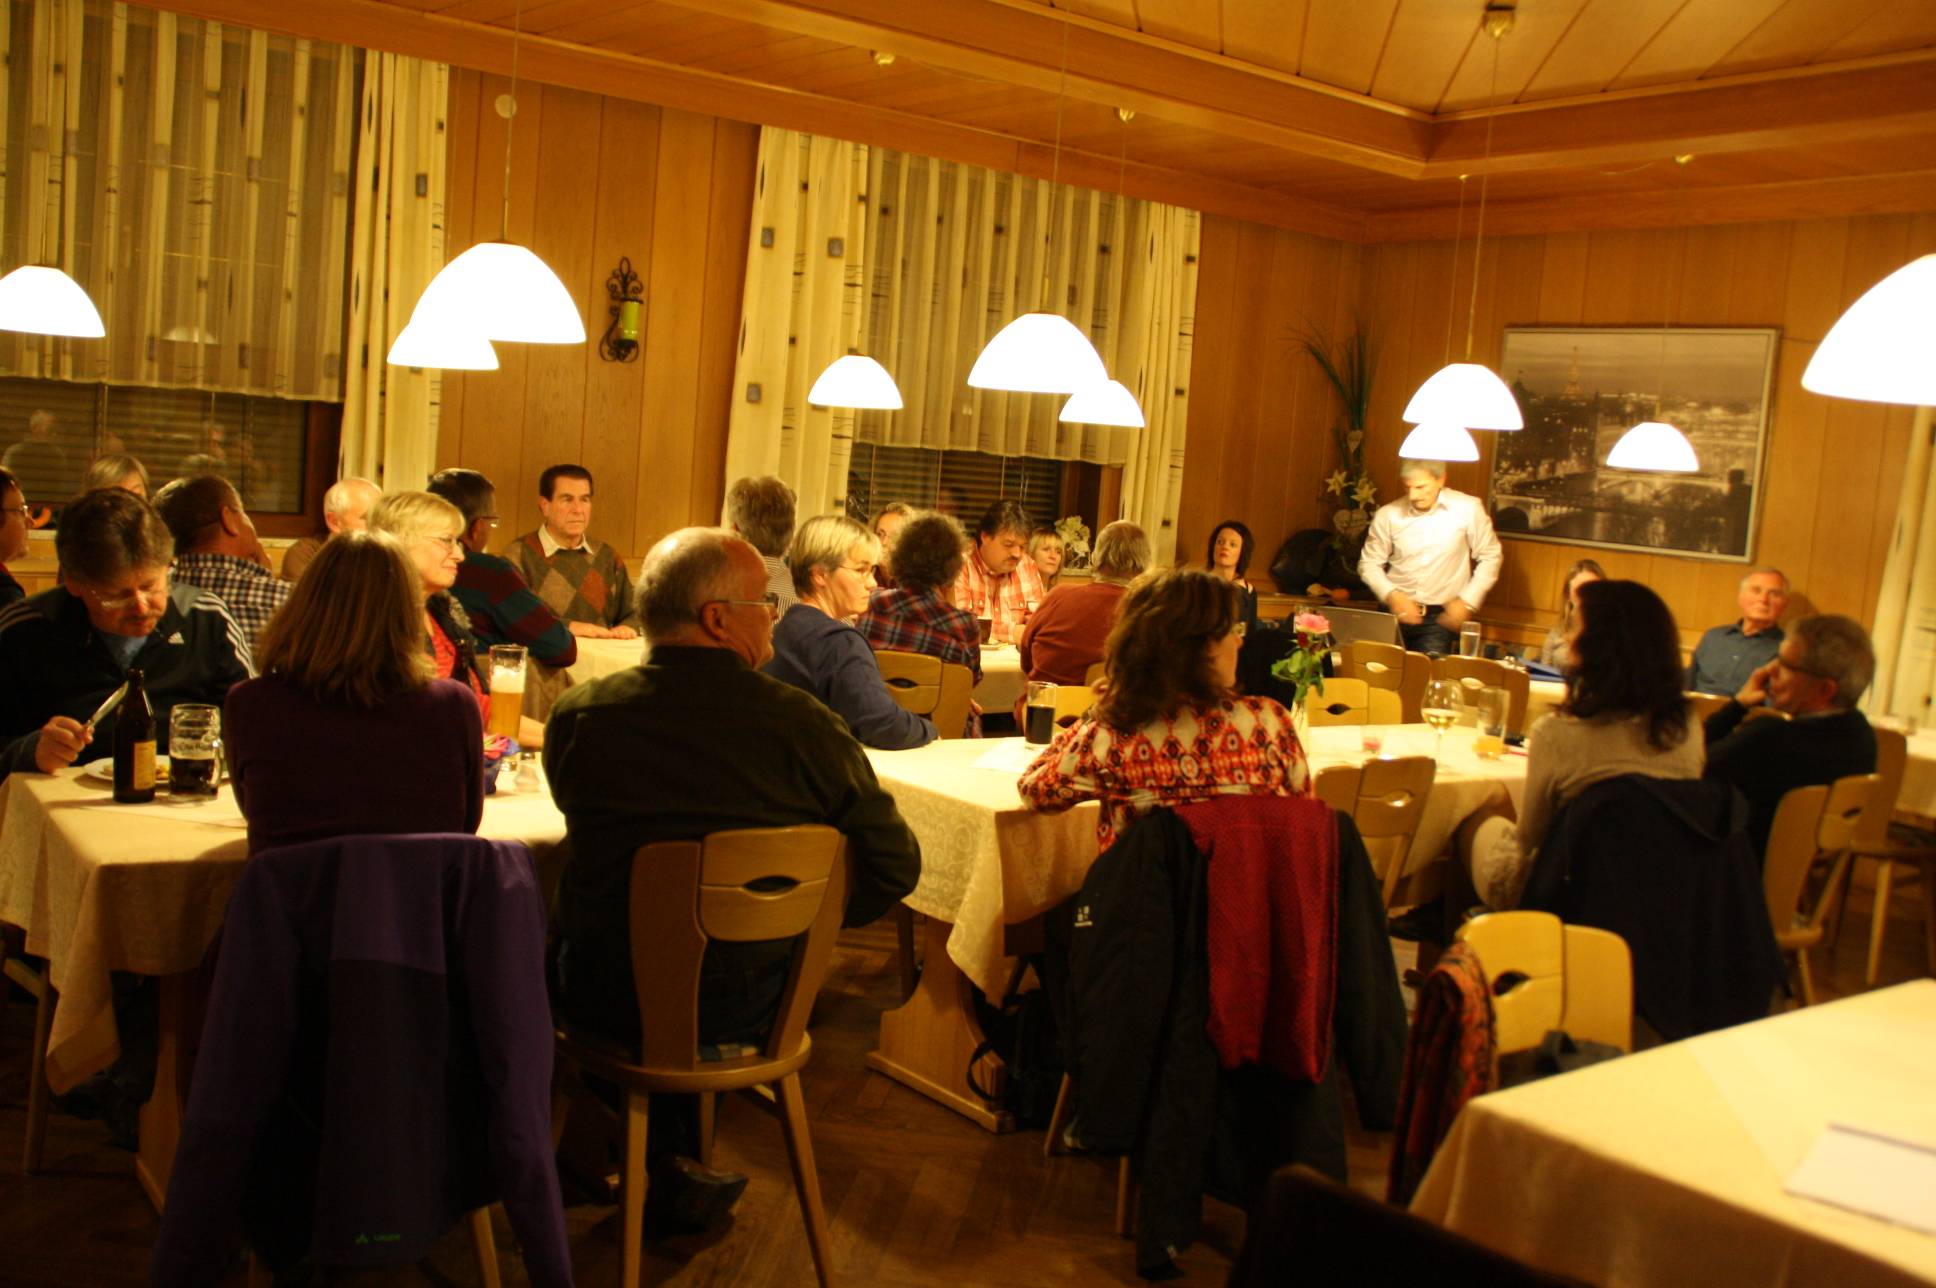 Bei der jüngsten Versammlung waren wieder viele Bürger anwesend, die sich über die Windräder bei Rezelsdorf informieren und ihren Widerstand dagegen formulieren wollten.